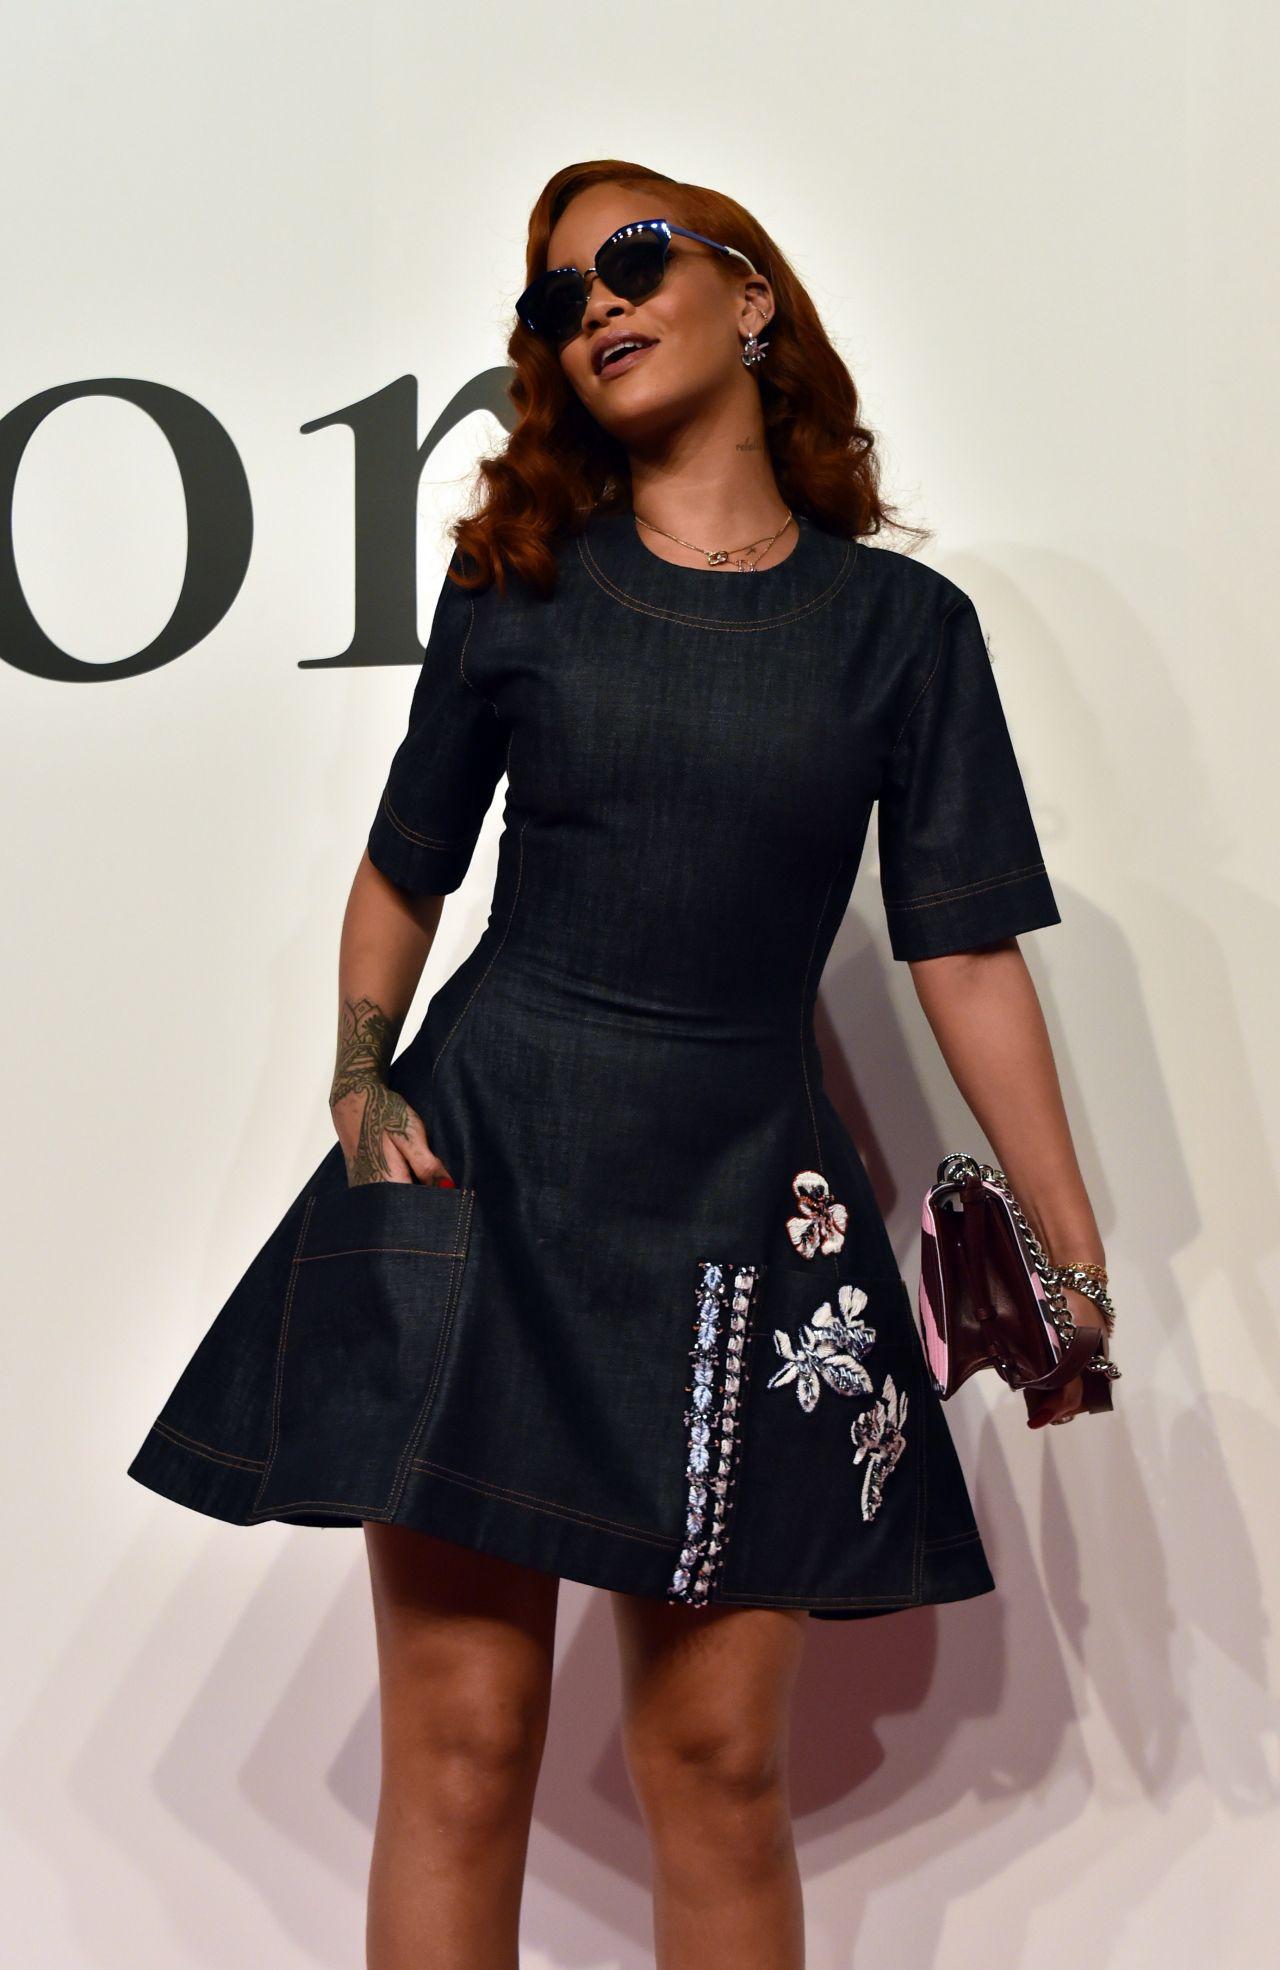 Rihanna Dior Fashion Show In Tokyo June 2015